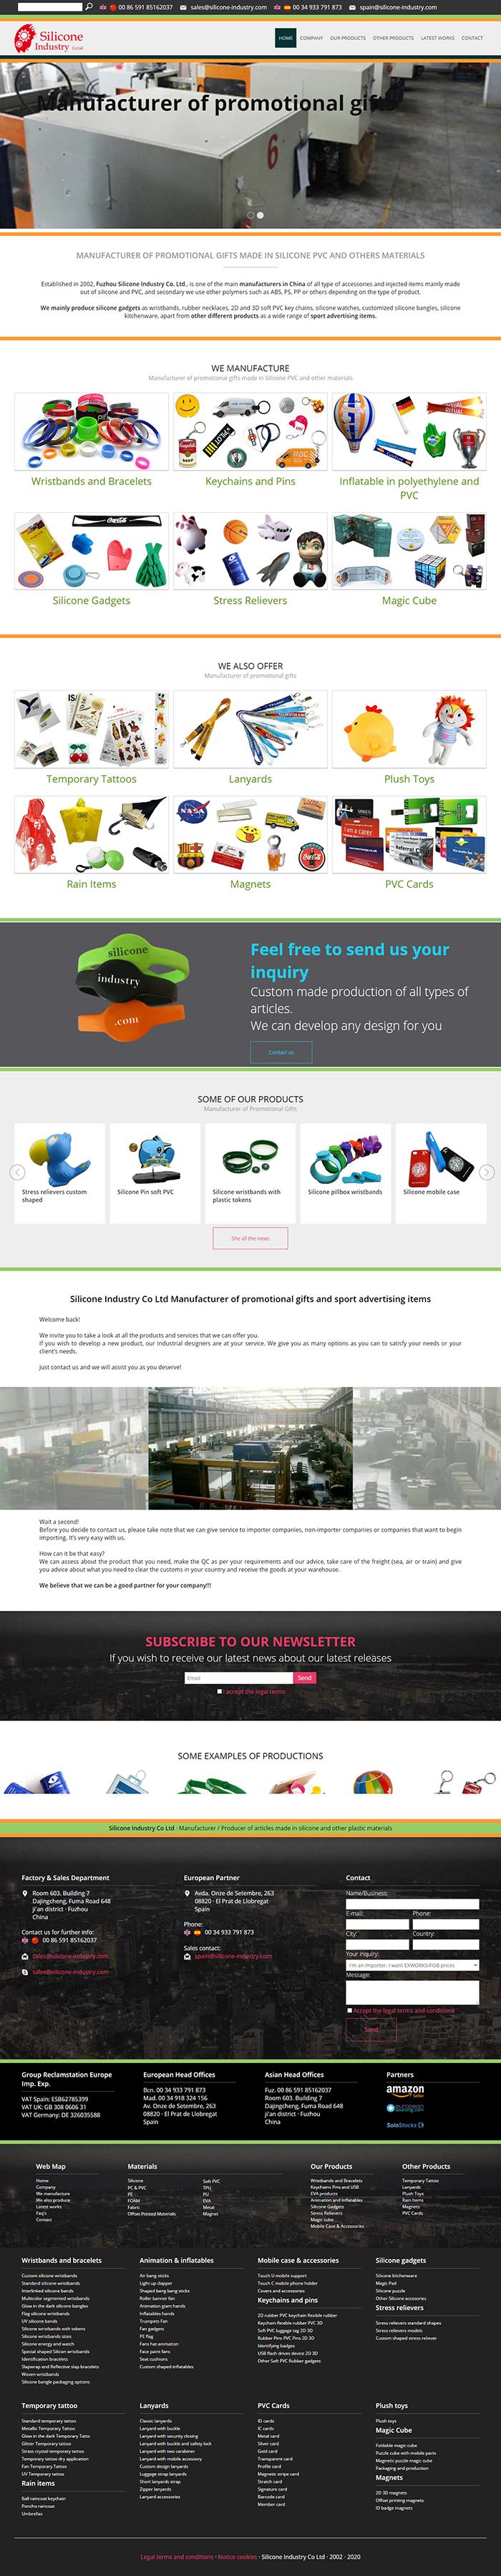 Creación de página web Silicone Indystry Co Ltd Fábrica china de productos promocionales para merchandising